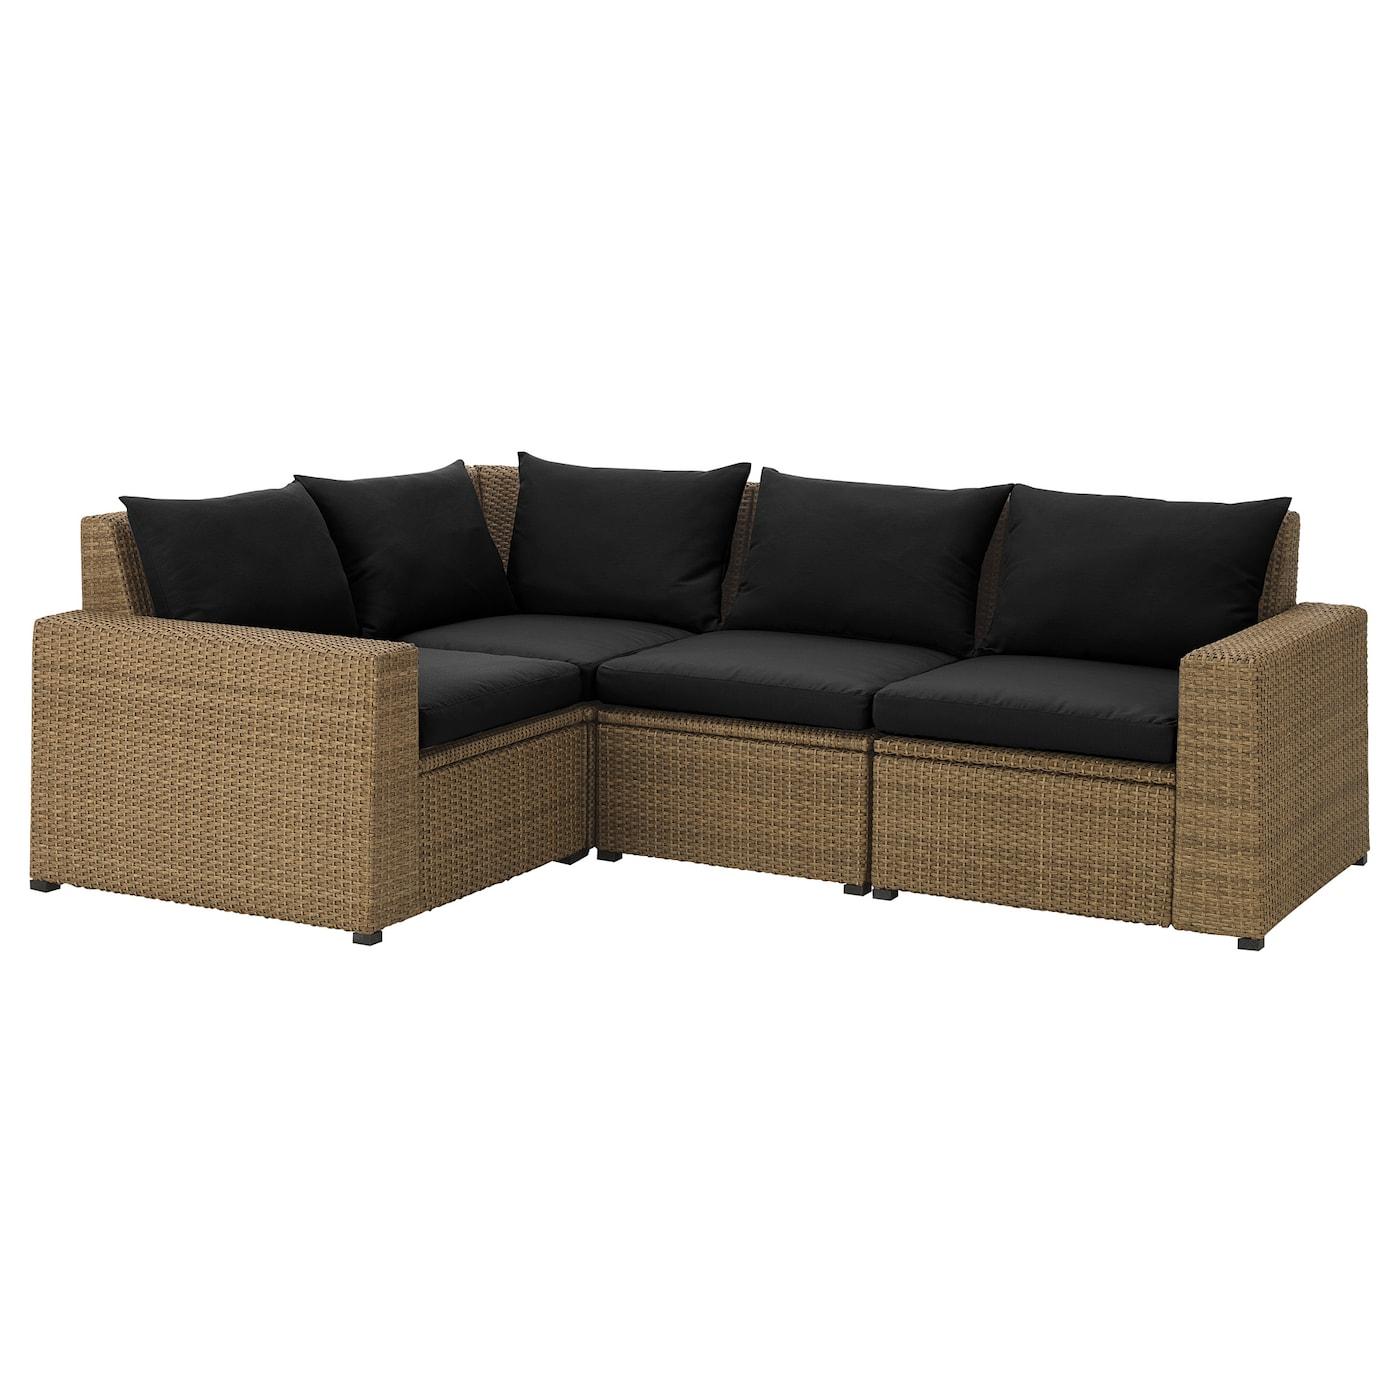 Outdoor & Garden Sofas